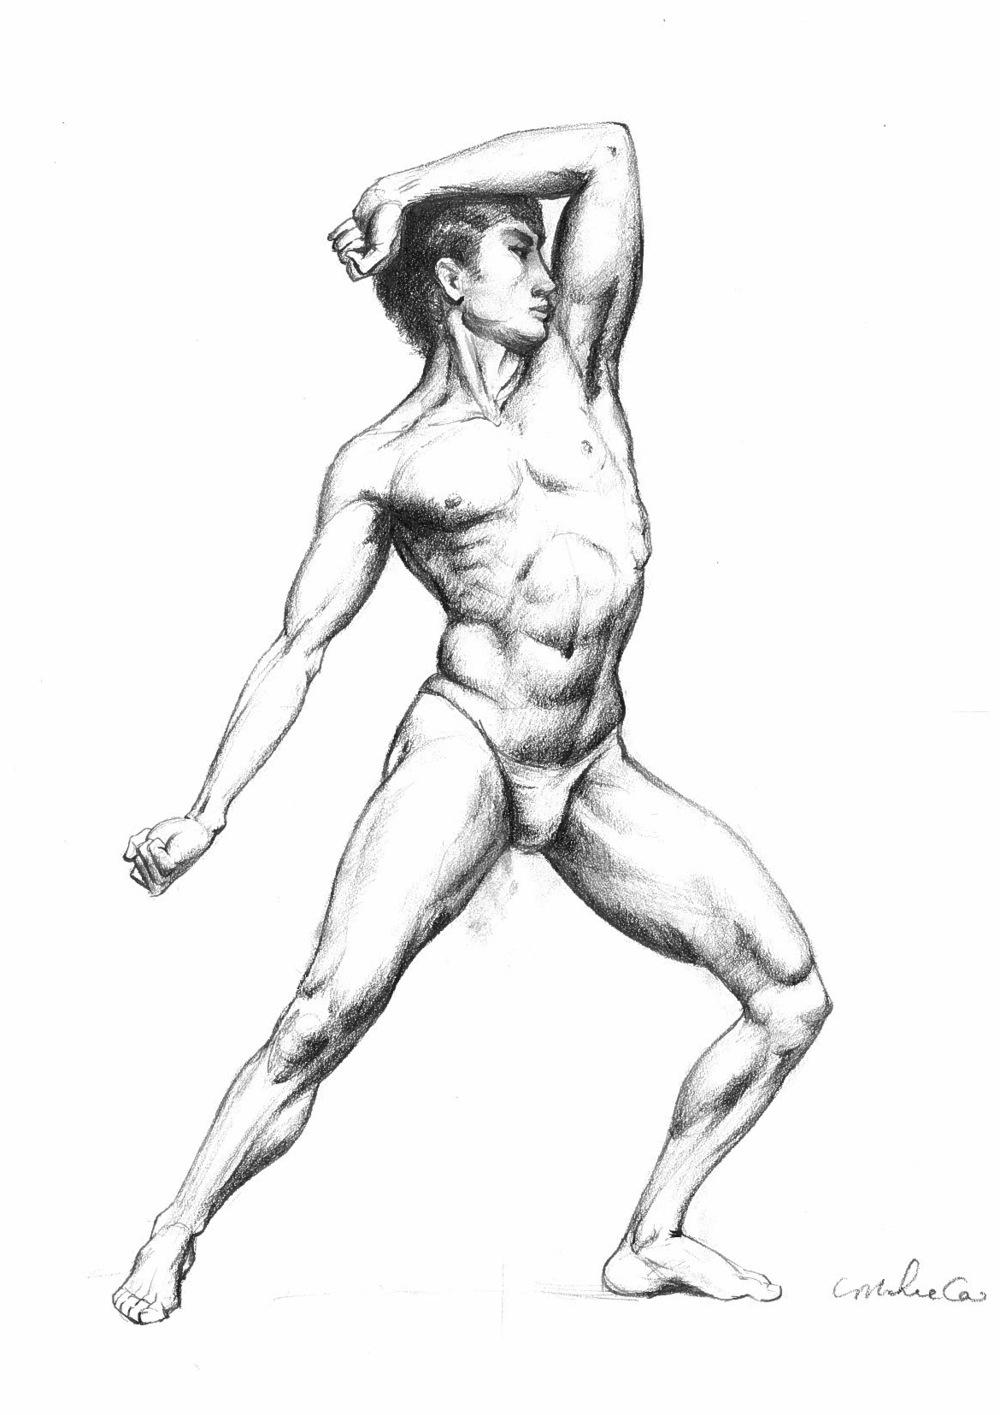 muscleman_posting.jpg